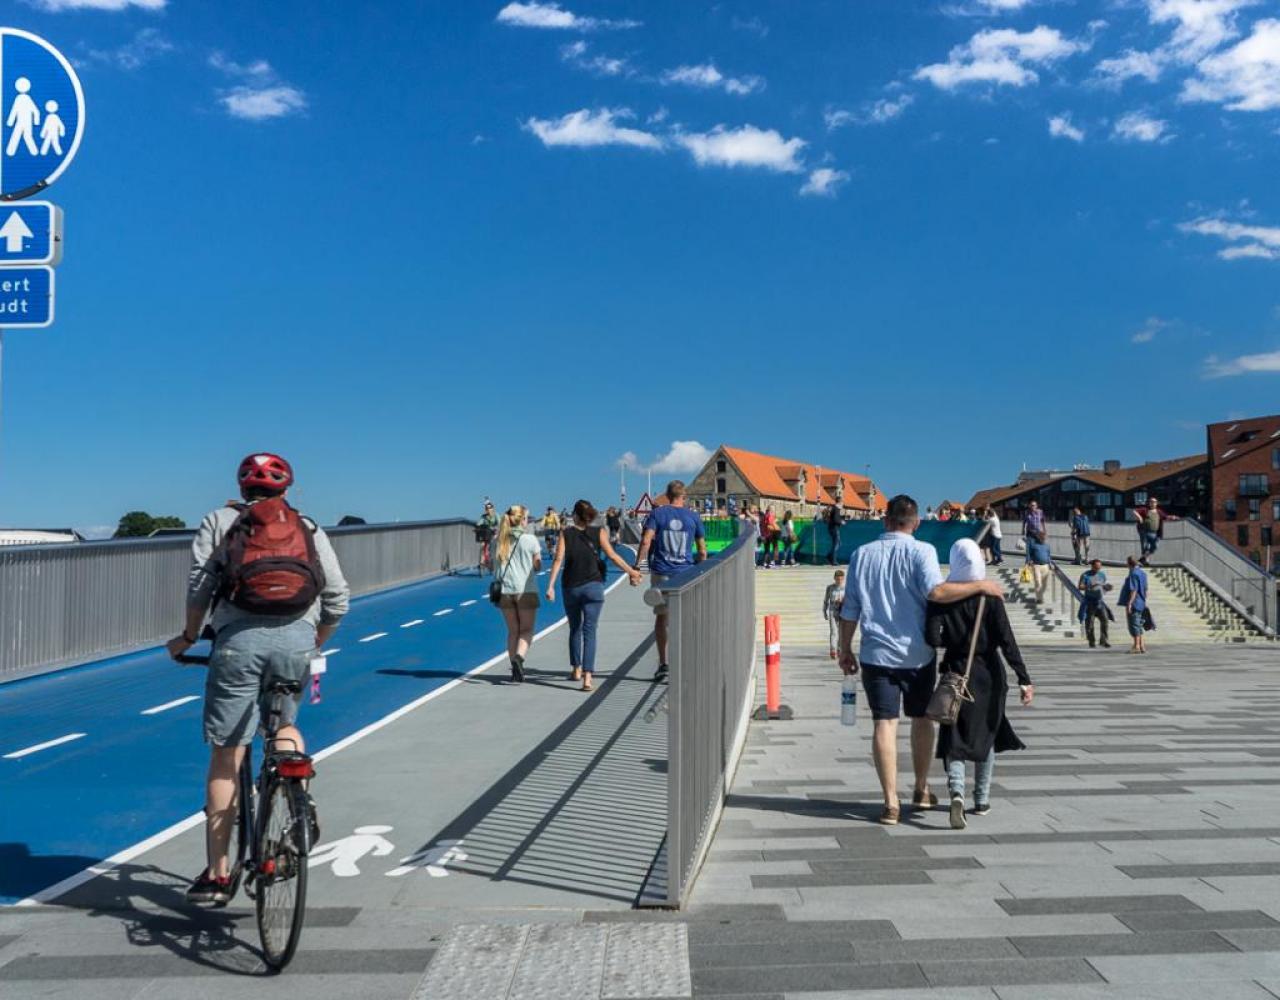 Inderhavnsbroen trafik